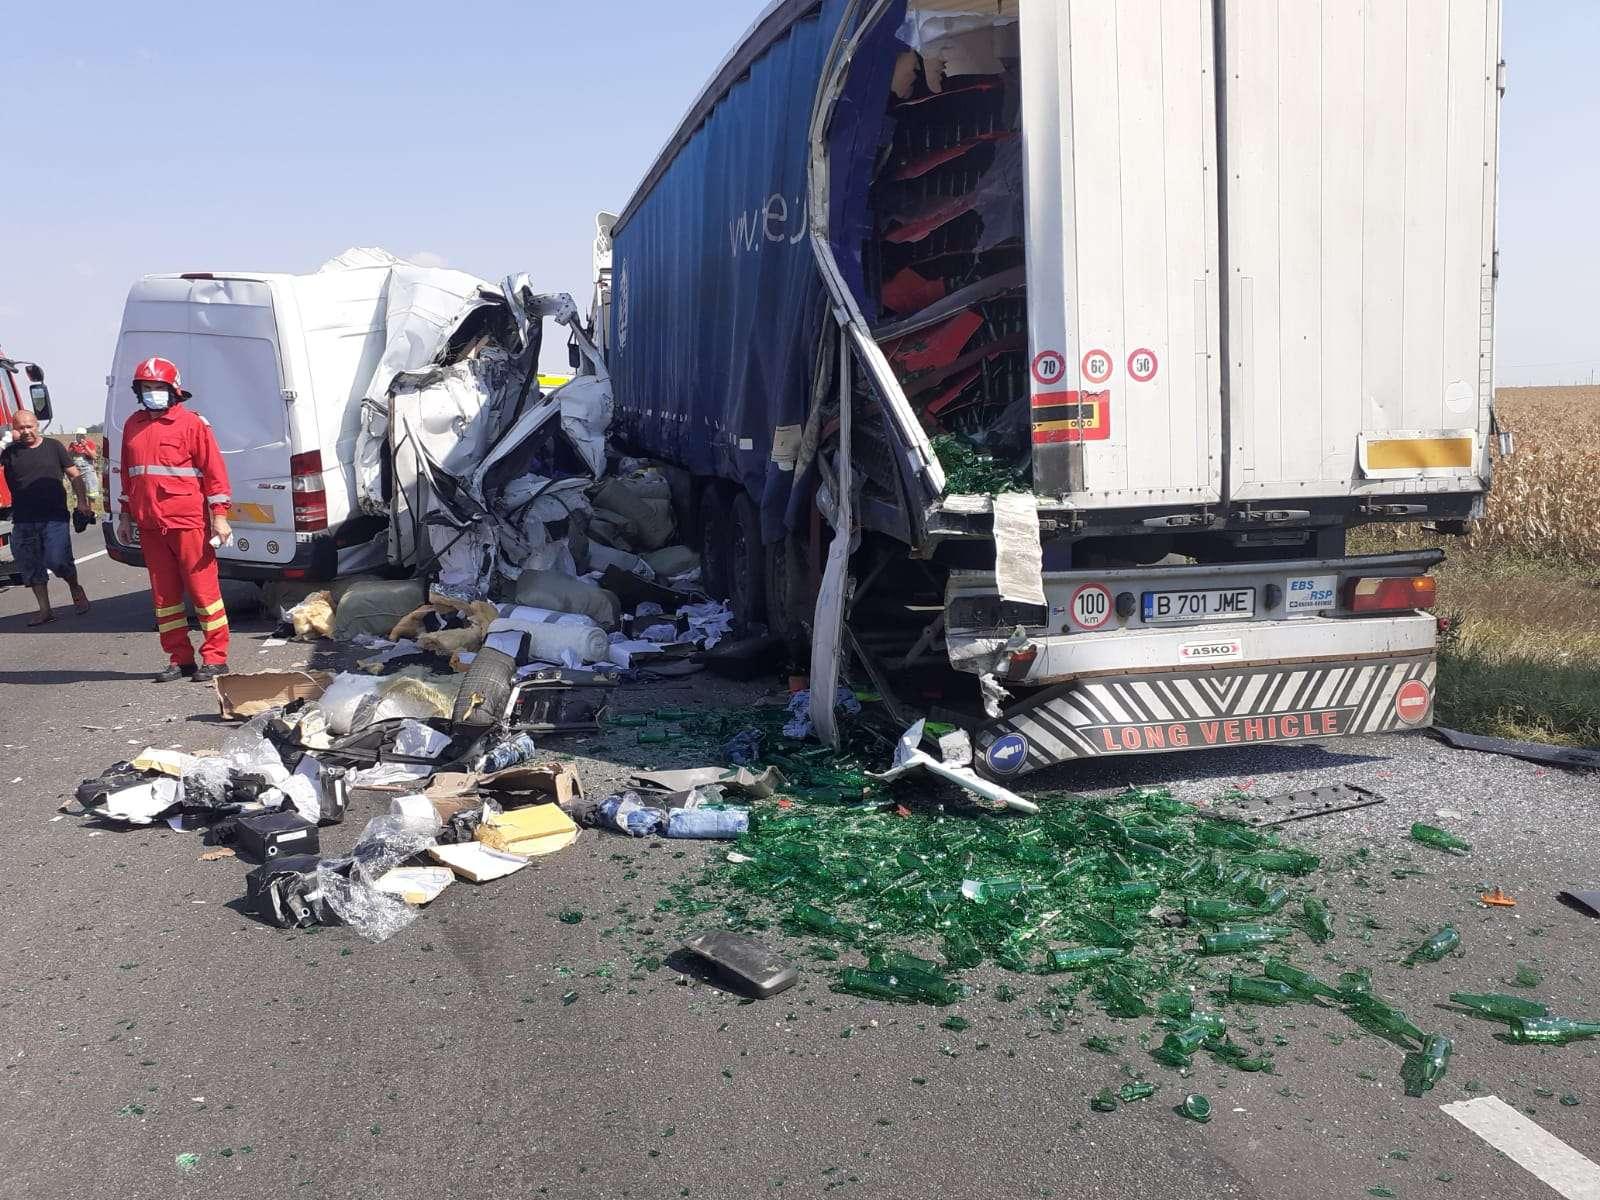 Tragedie pe Drumul Național 2! O persoană a decedat iar altele sunt rănite!